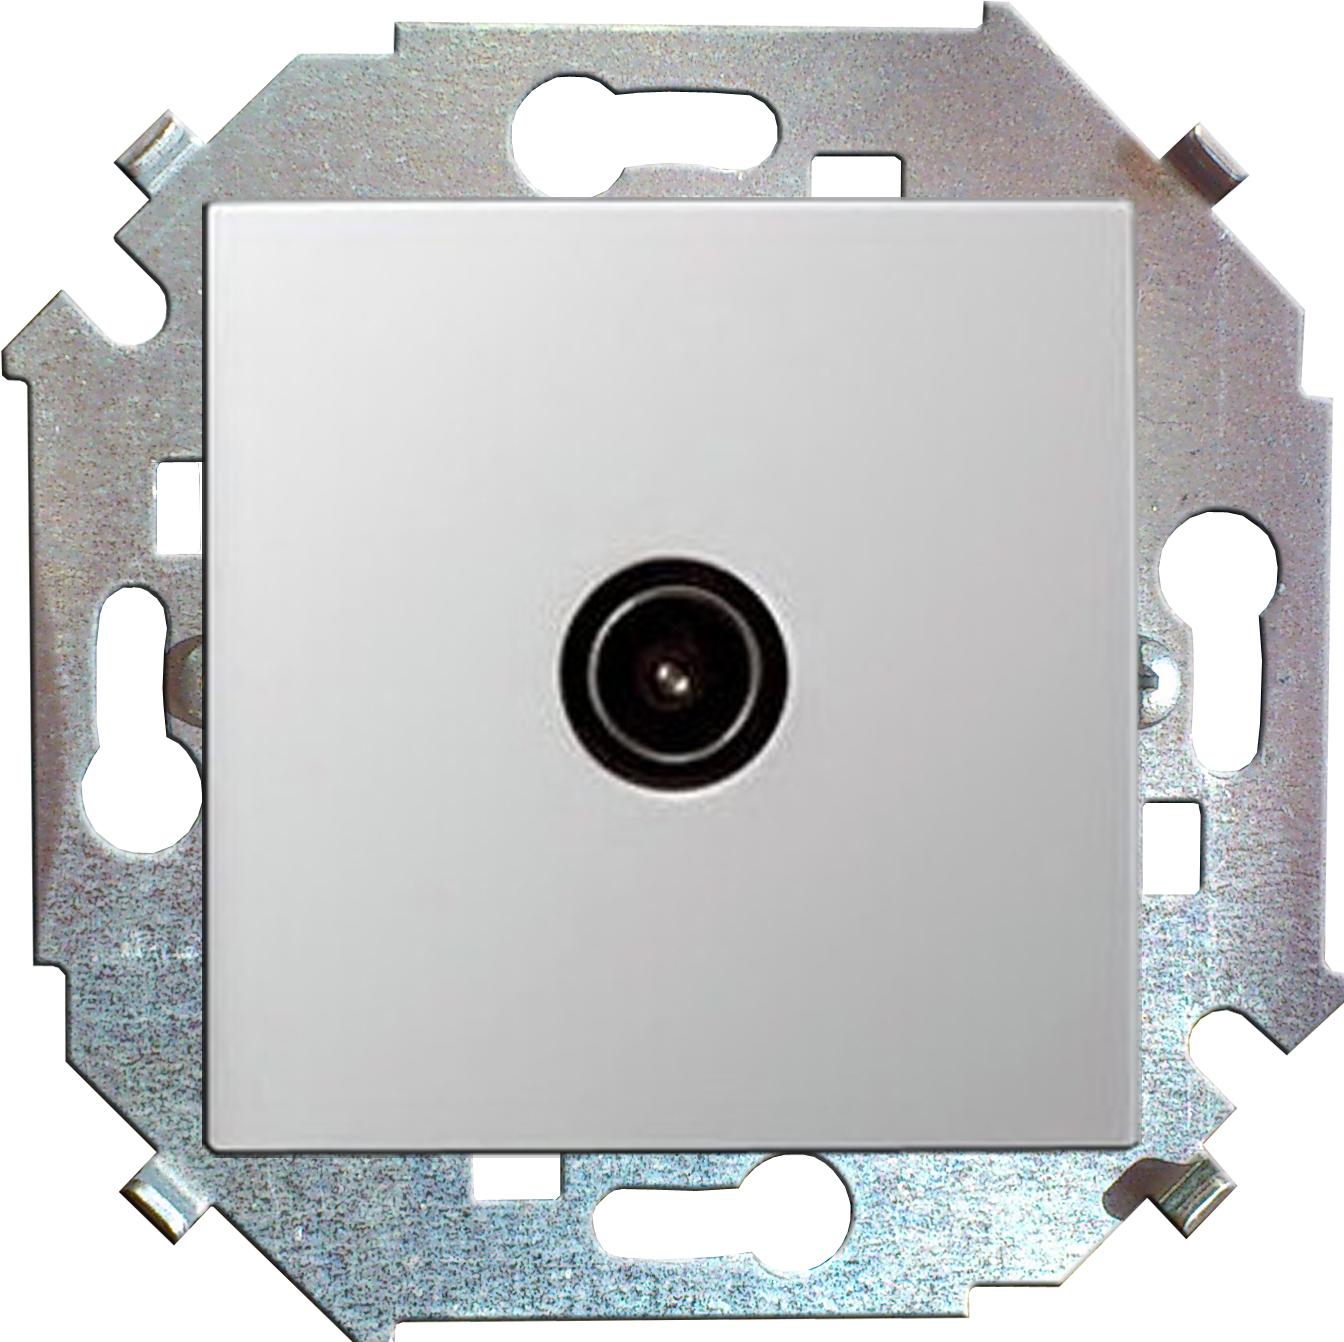 Розетка Simon 15 1591475-030 simon simon15 aqua белый переключатель 1 клавишный с п наружный ip54 1594204 030